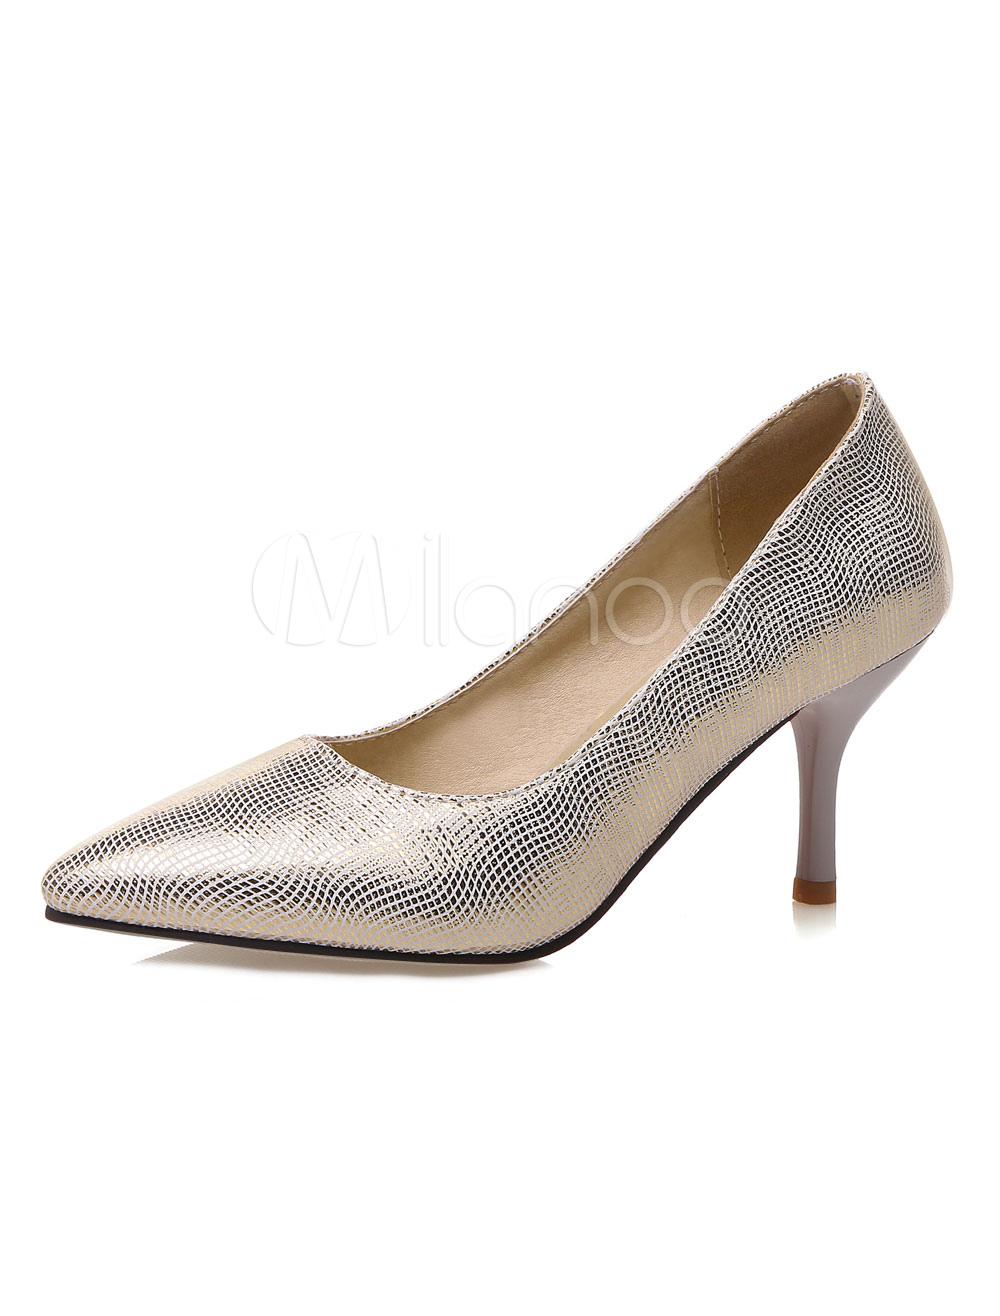 Scarpe con tacco medio donna pU tacco basso e fino 7cm a punta decolletè  fuori ... 235cd008910